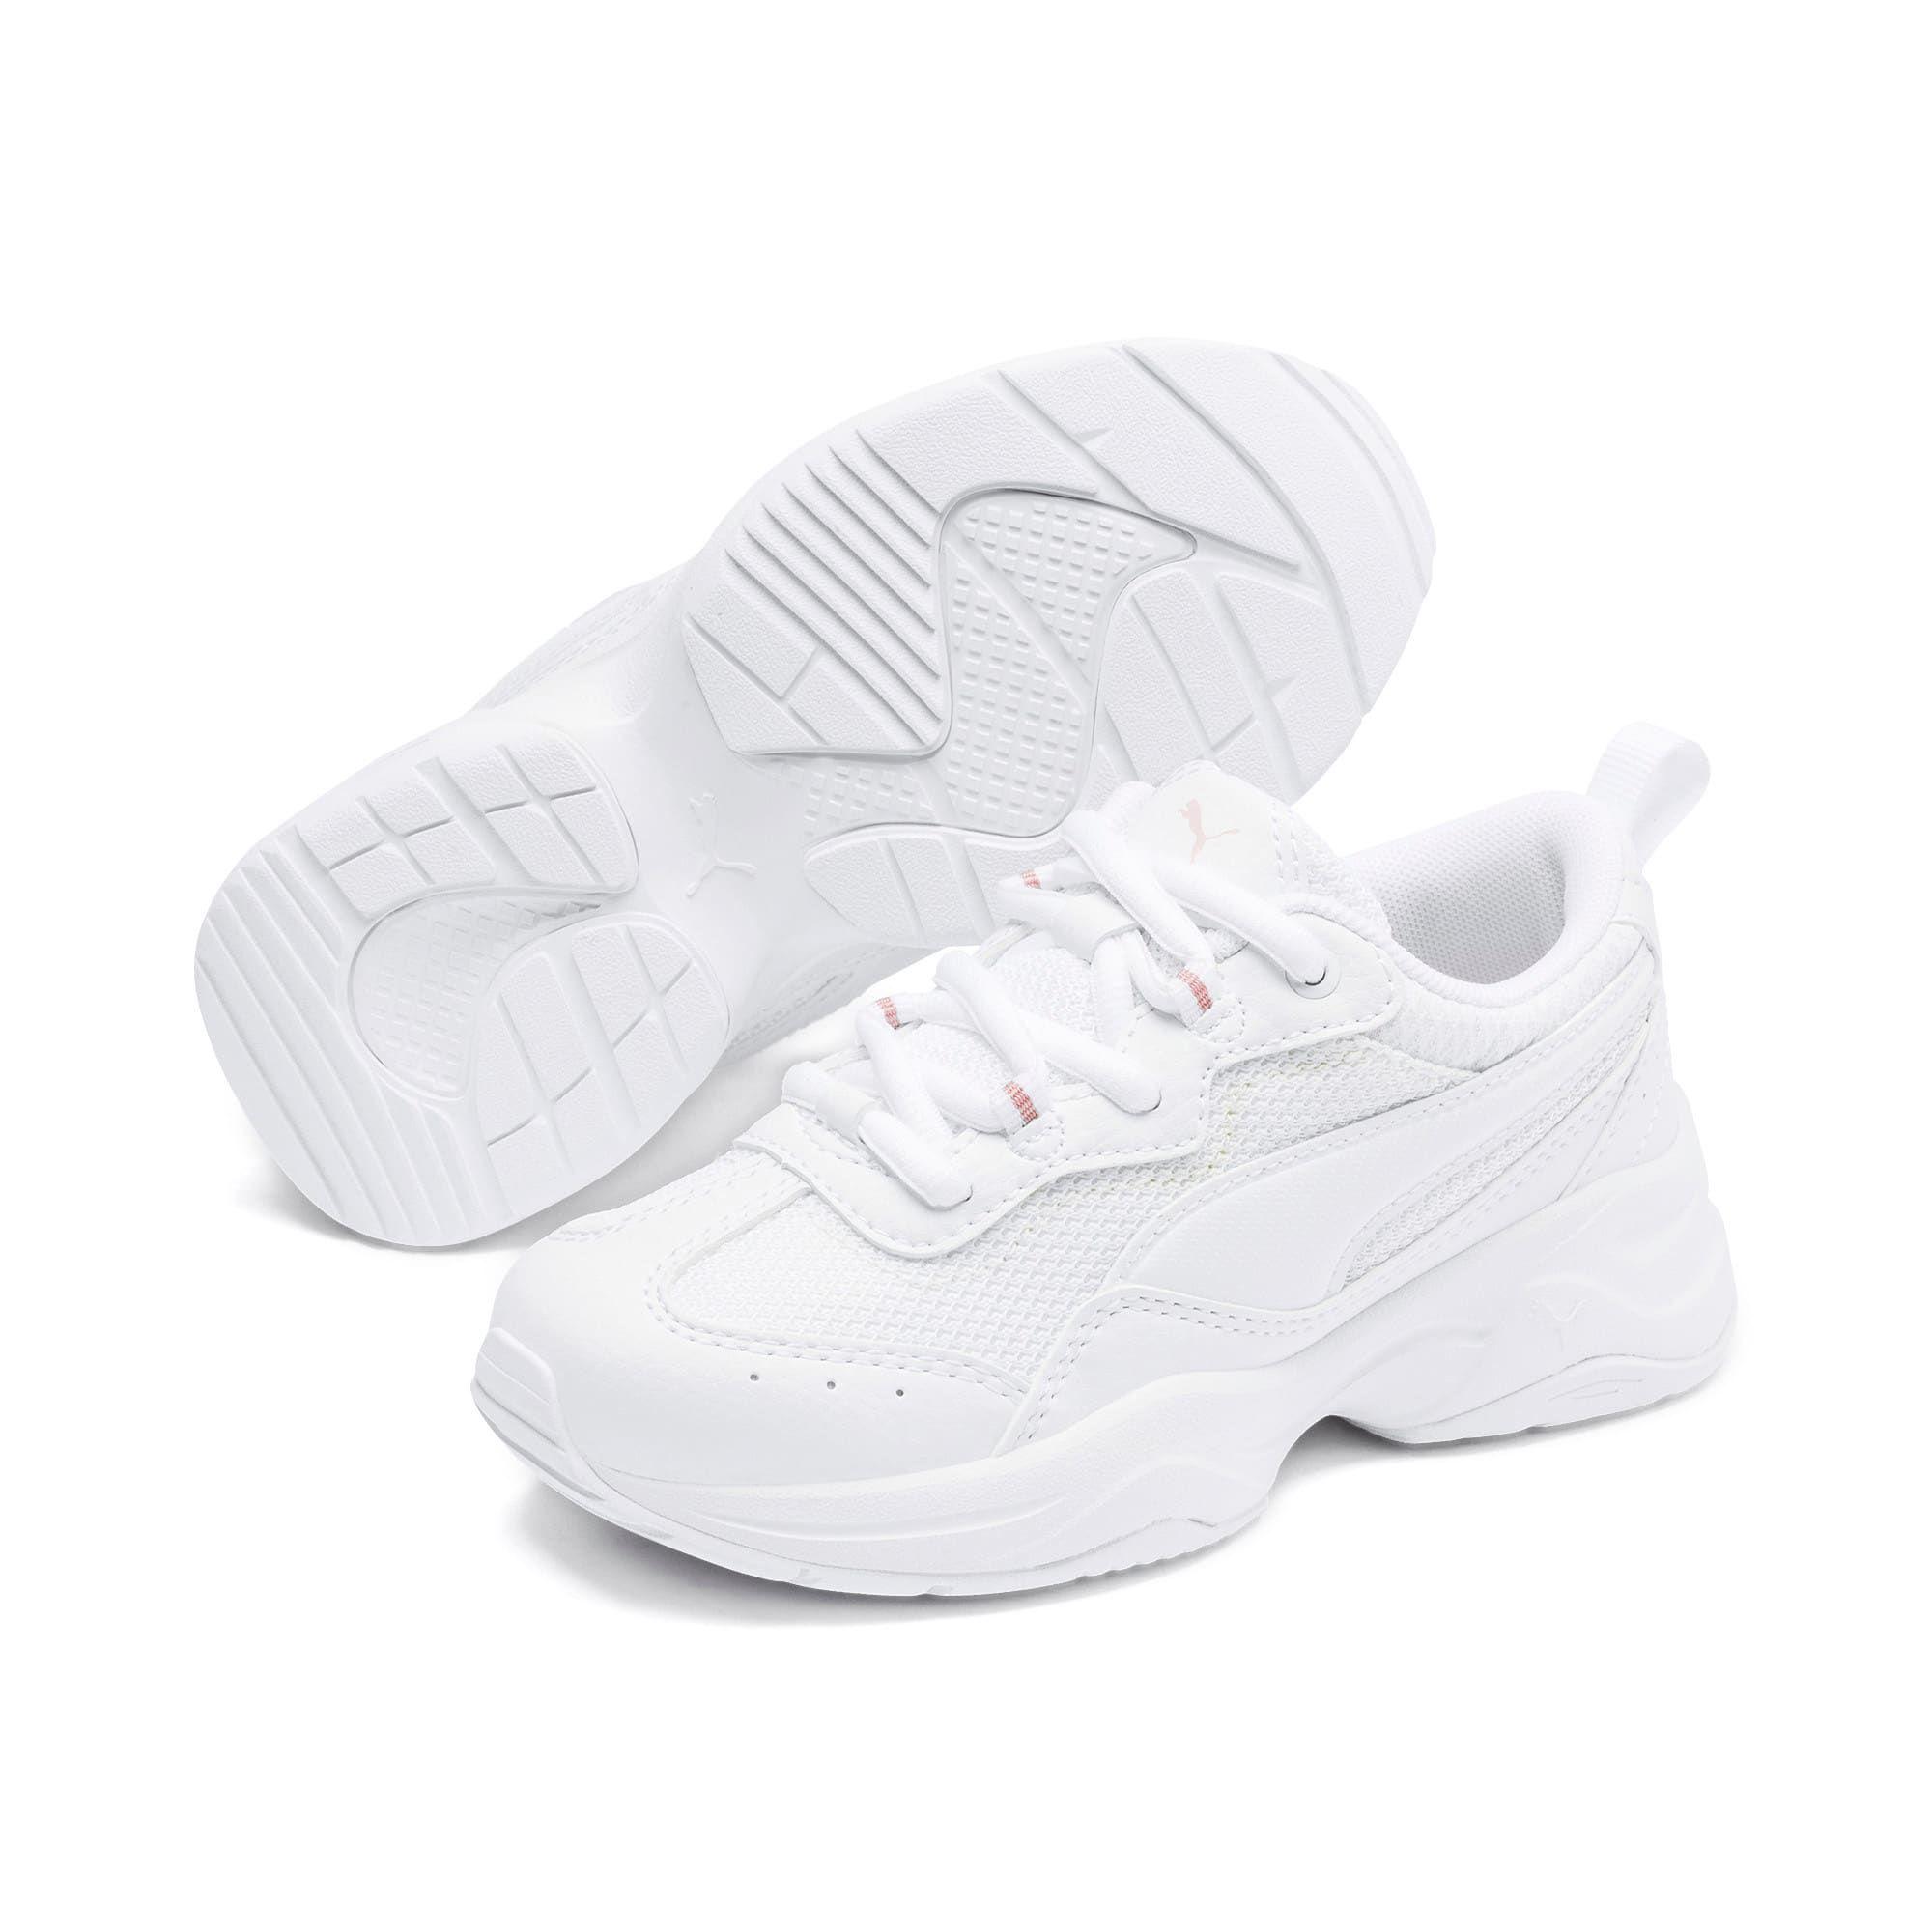 chaussure enfant 31 nike